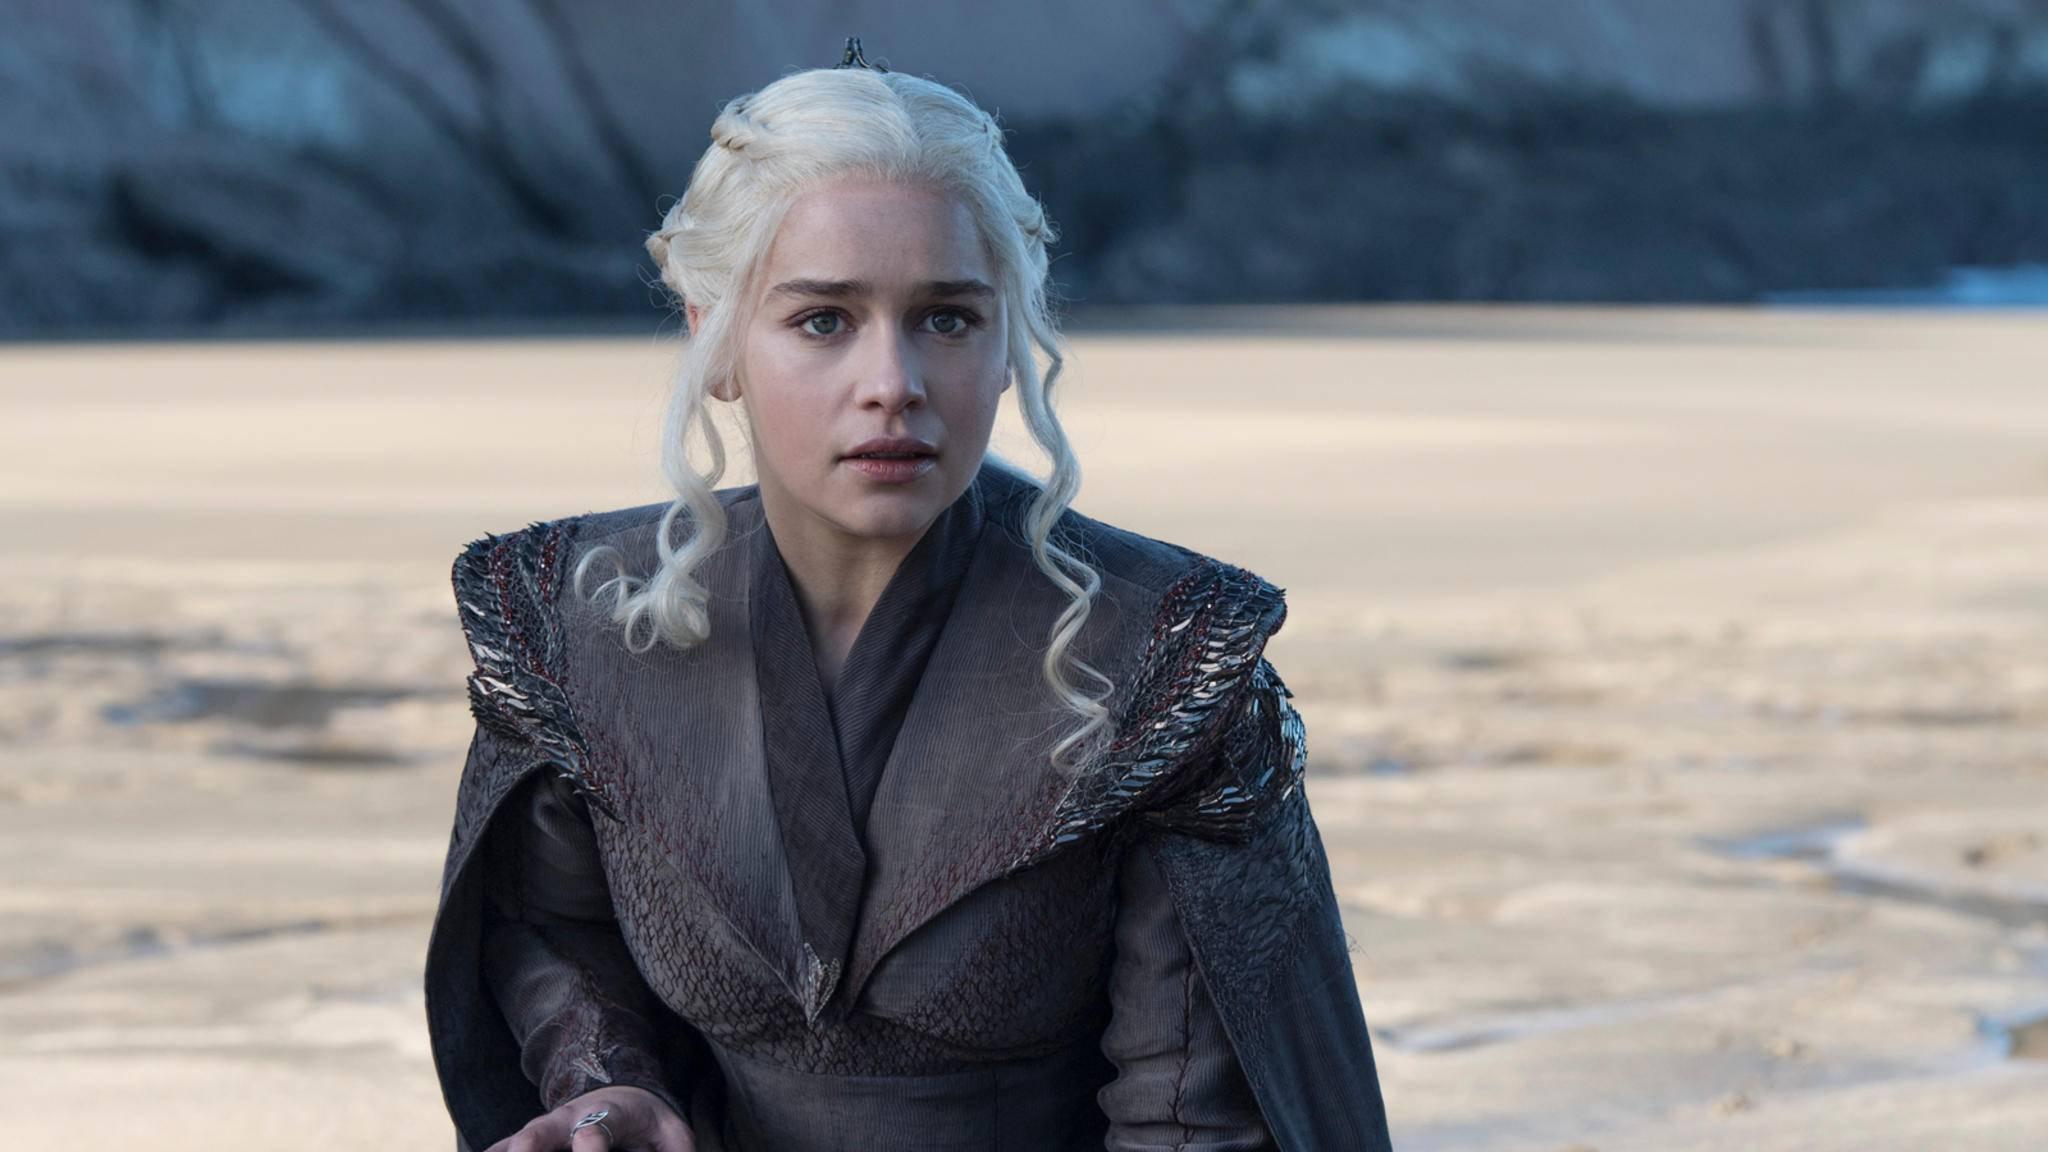 Endlich angekommen: Daenerys Targaryen erreicht mit ihrer Flotte Drachenstein.